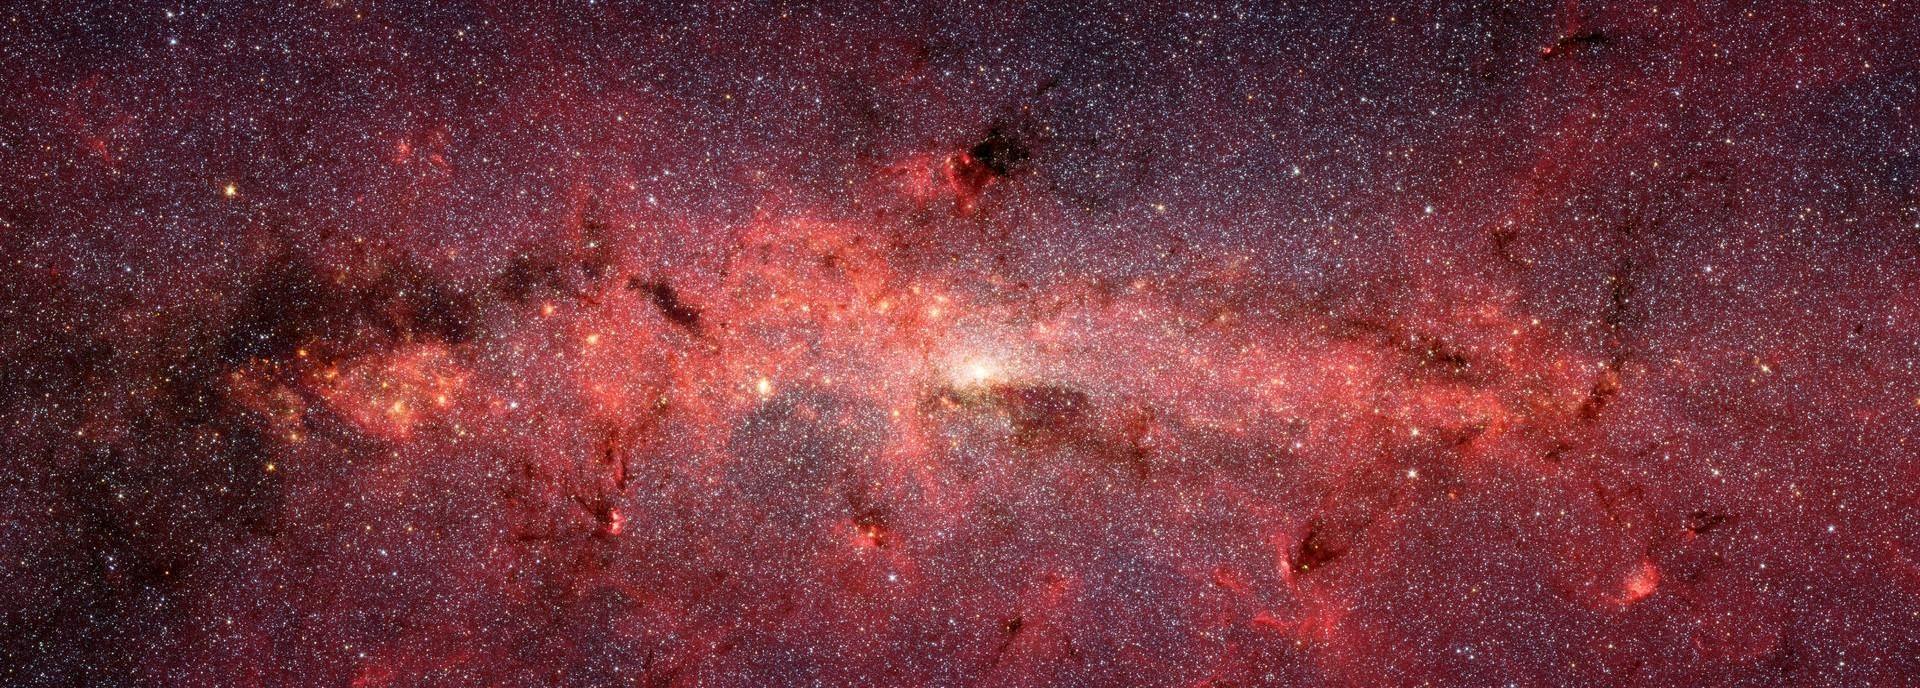 A Cauldron of Stars at the Galaxy Center (NASA)